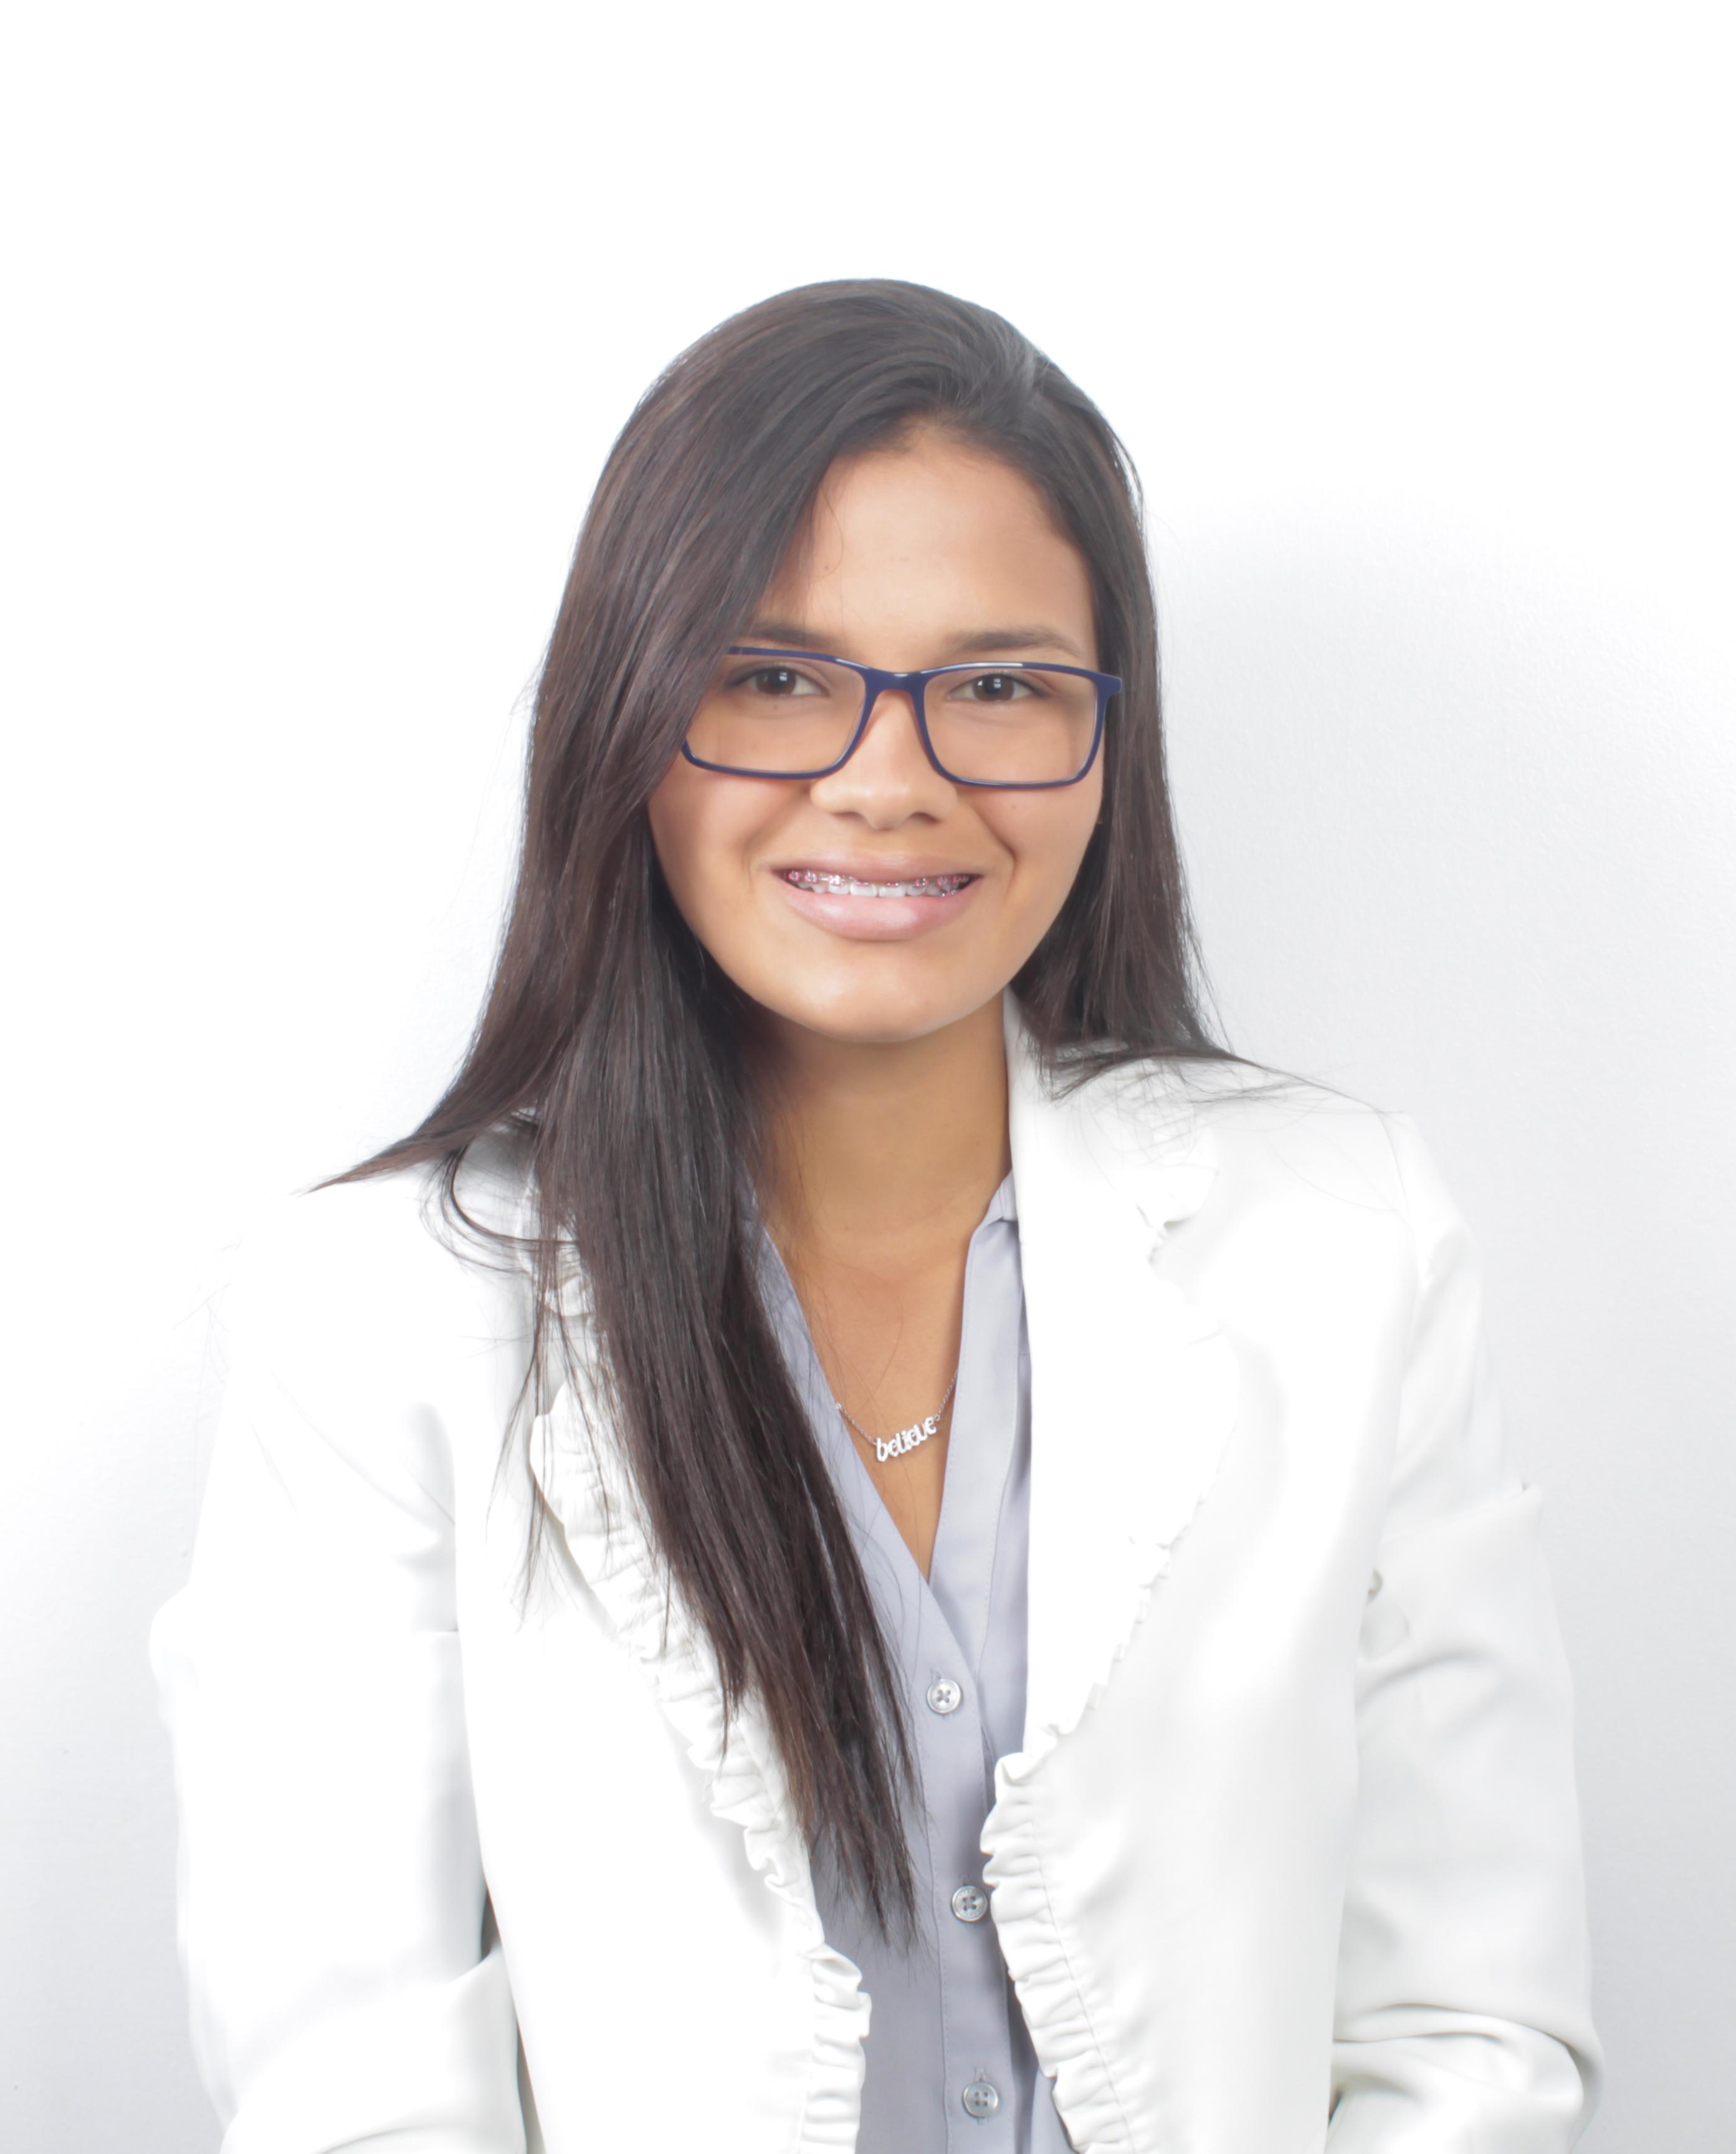 Diana Salerno - Siuma expertos